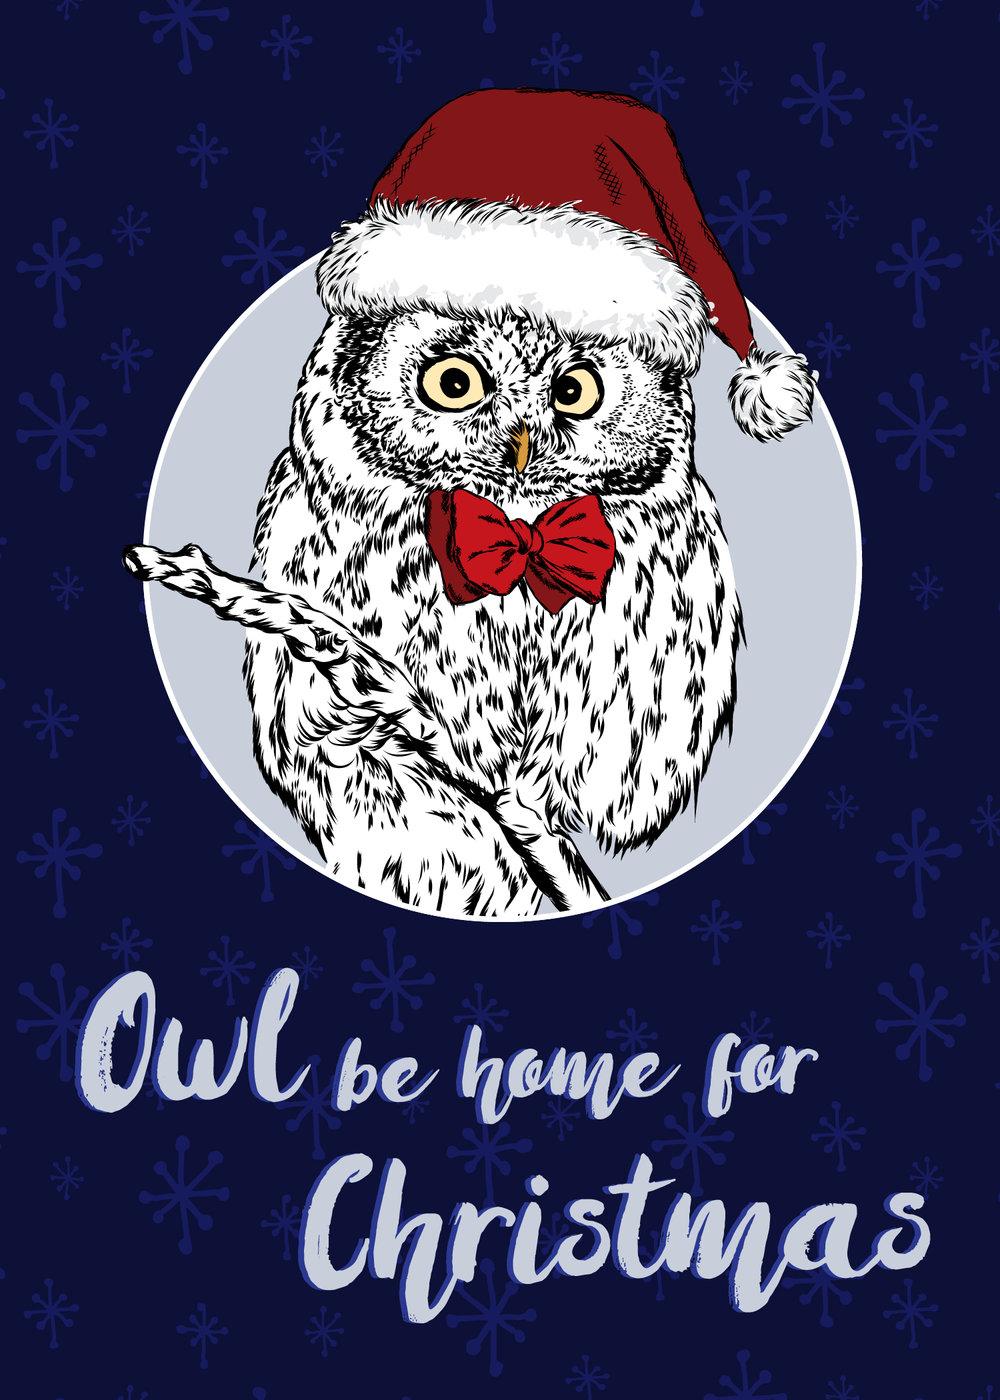 OwlBehome.jpg